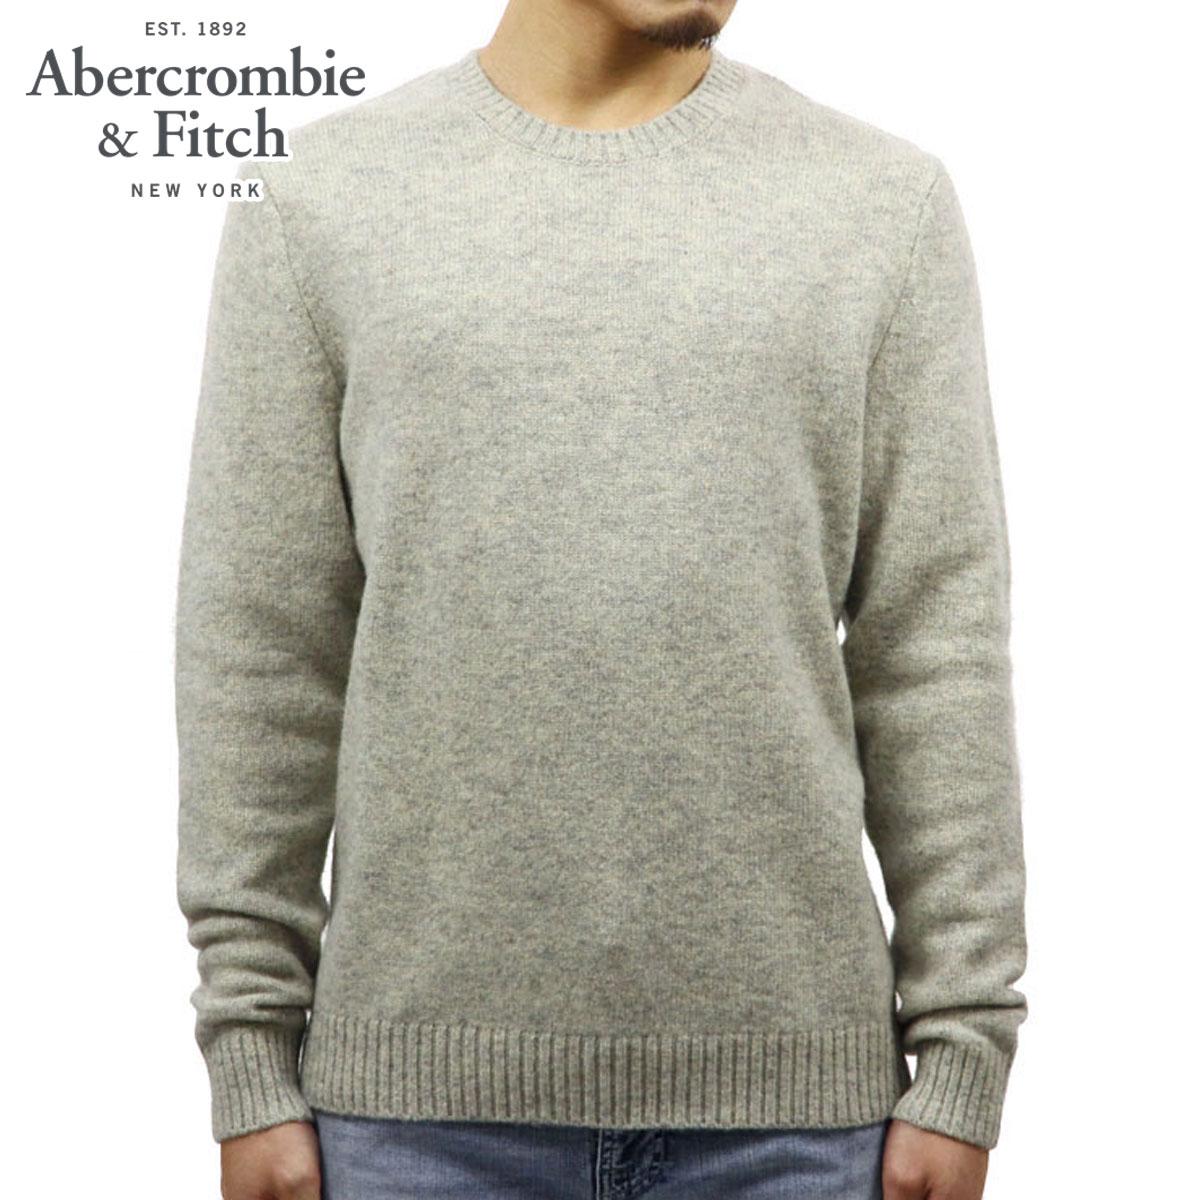 アバクロ セーター メンズ 正規品 Abercrombie&Fitch  WOOL CREW SWEATER 120-201-1046-120 A02B B1C C1D D7E E02F